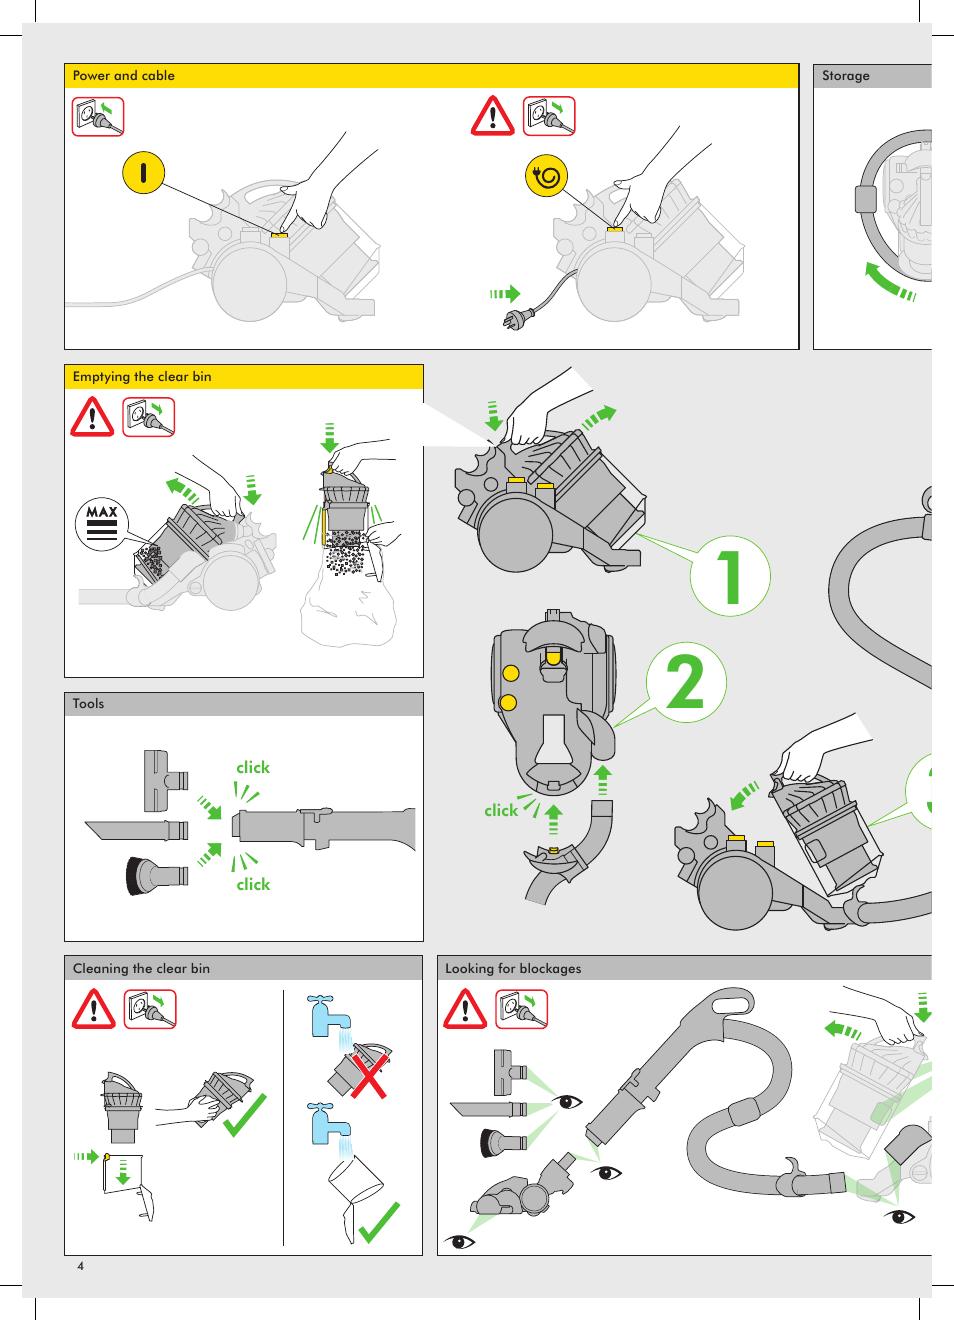 dyson dc24 manual repair